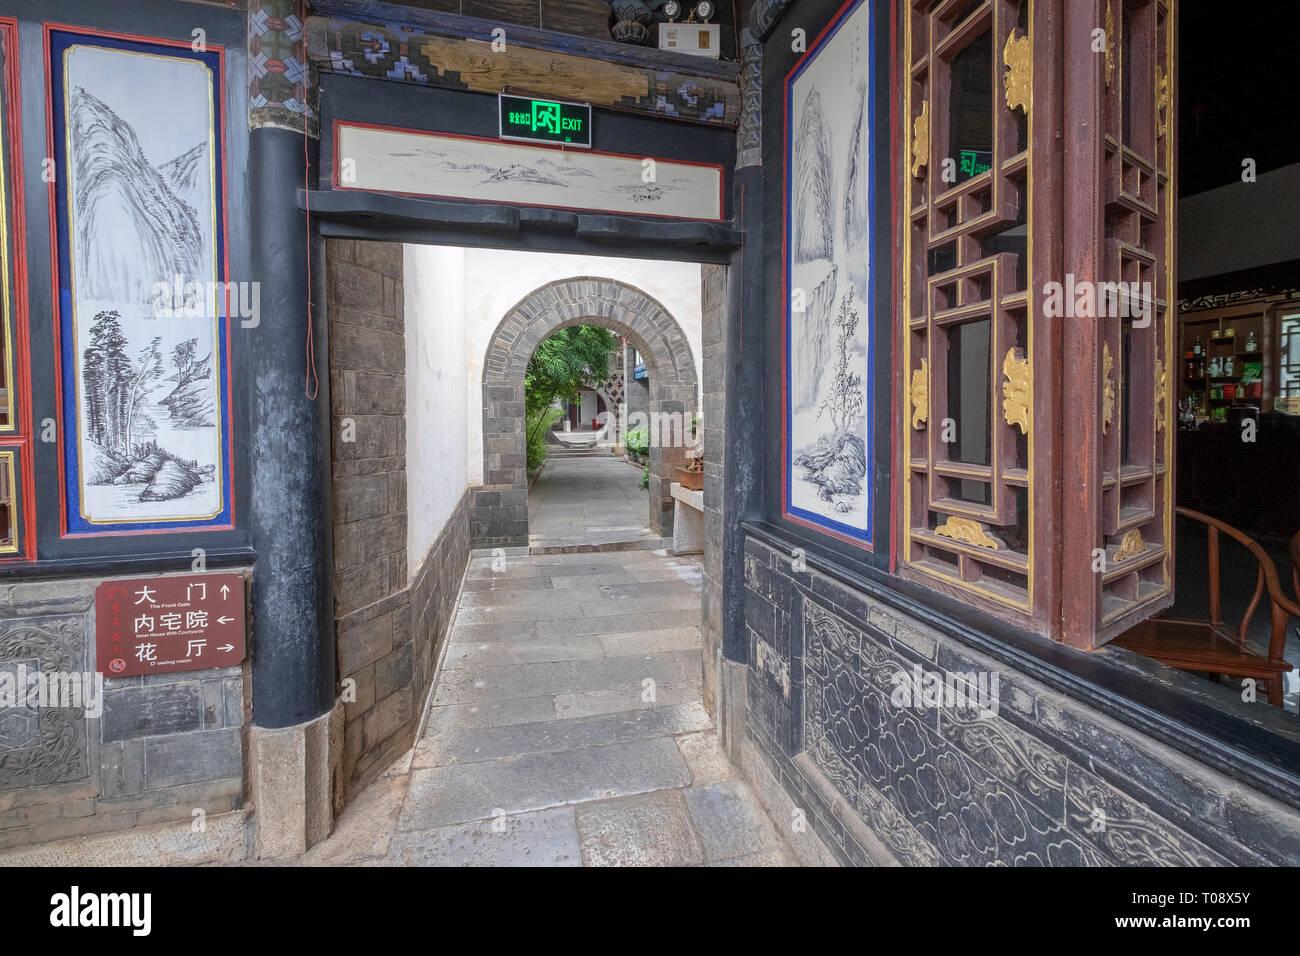 Interior courtyard, Zhu Family house, Jianshui Ancient Town, Yunnan Province, China Stock Photo